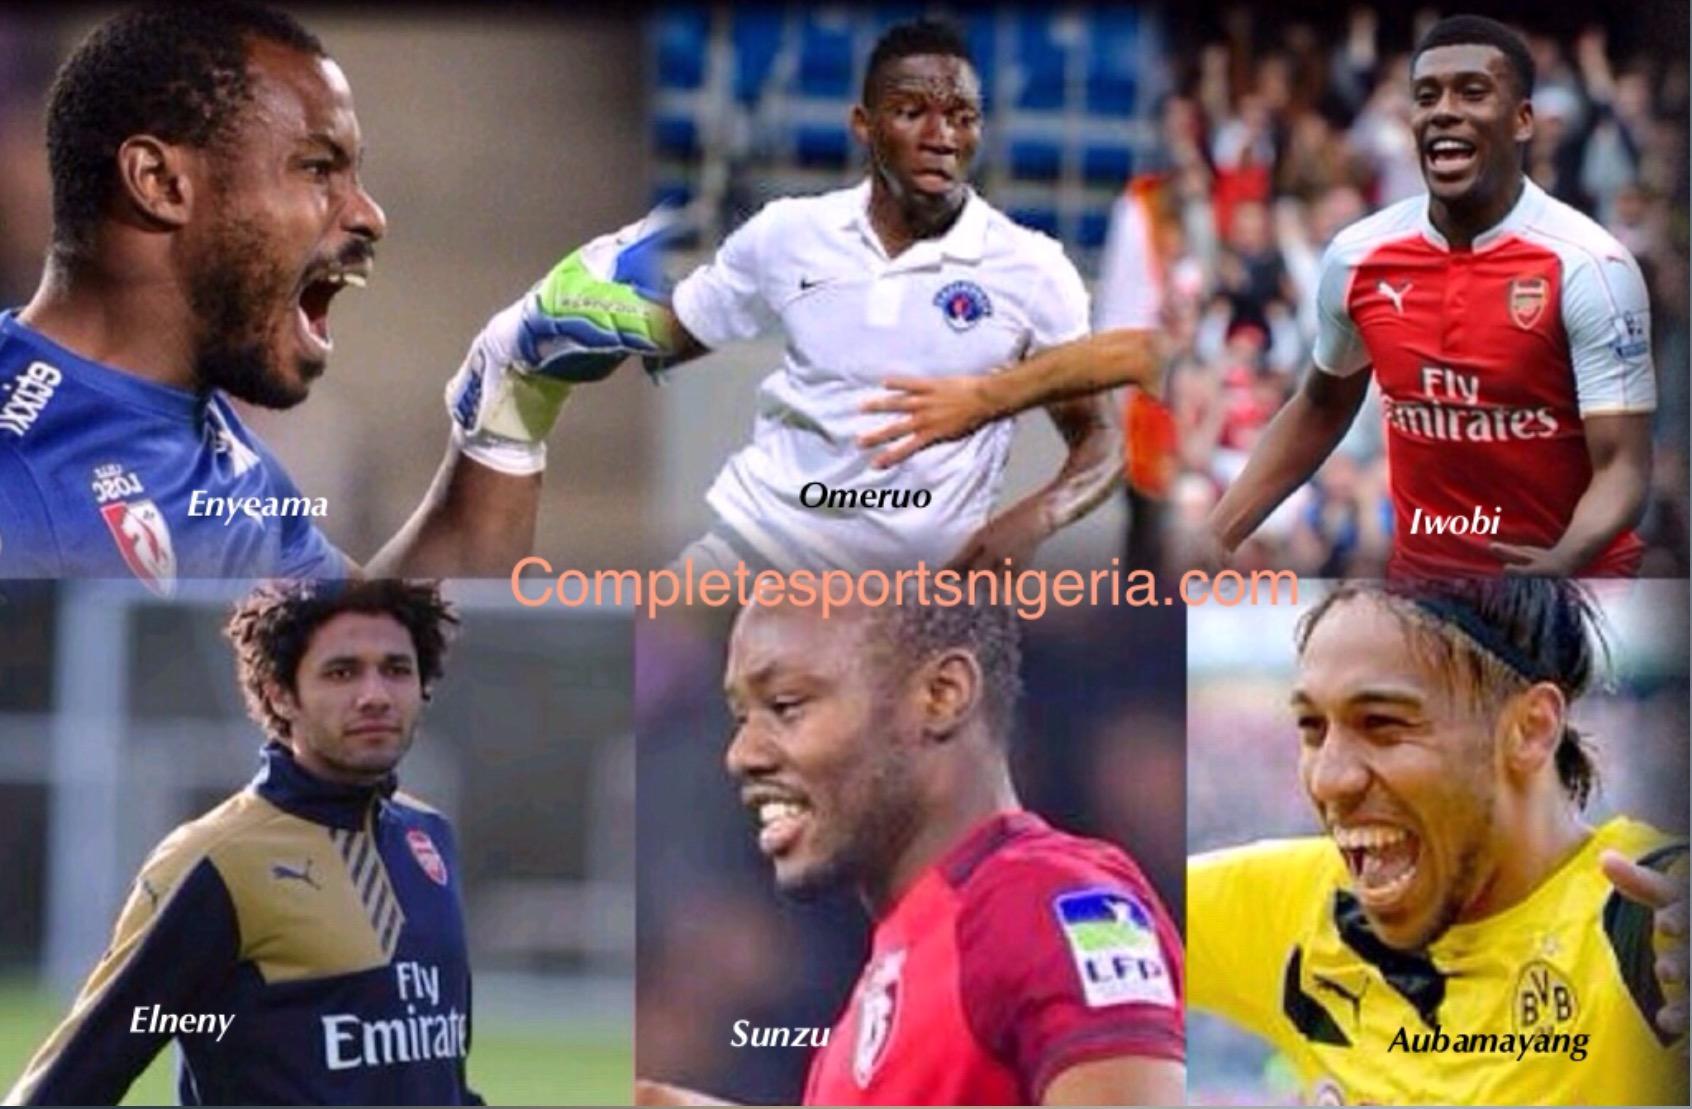 Enyeama, Omeruo, Iwobi Make African Team Of The Week